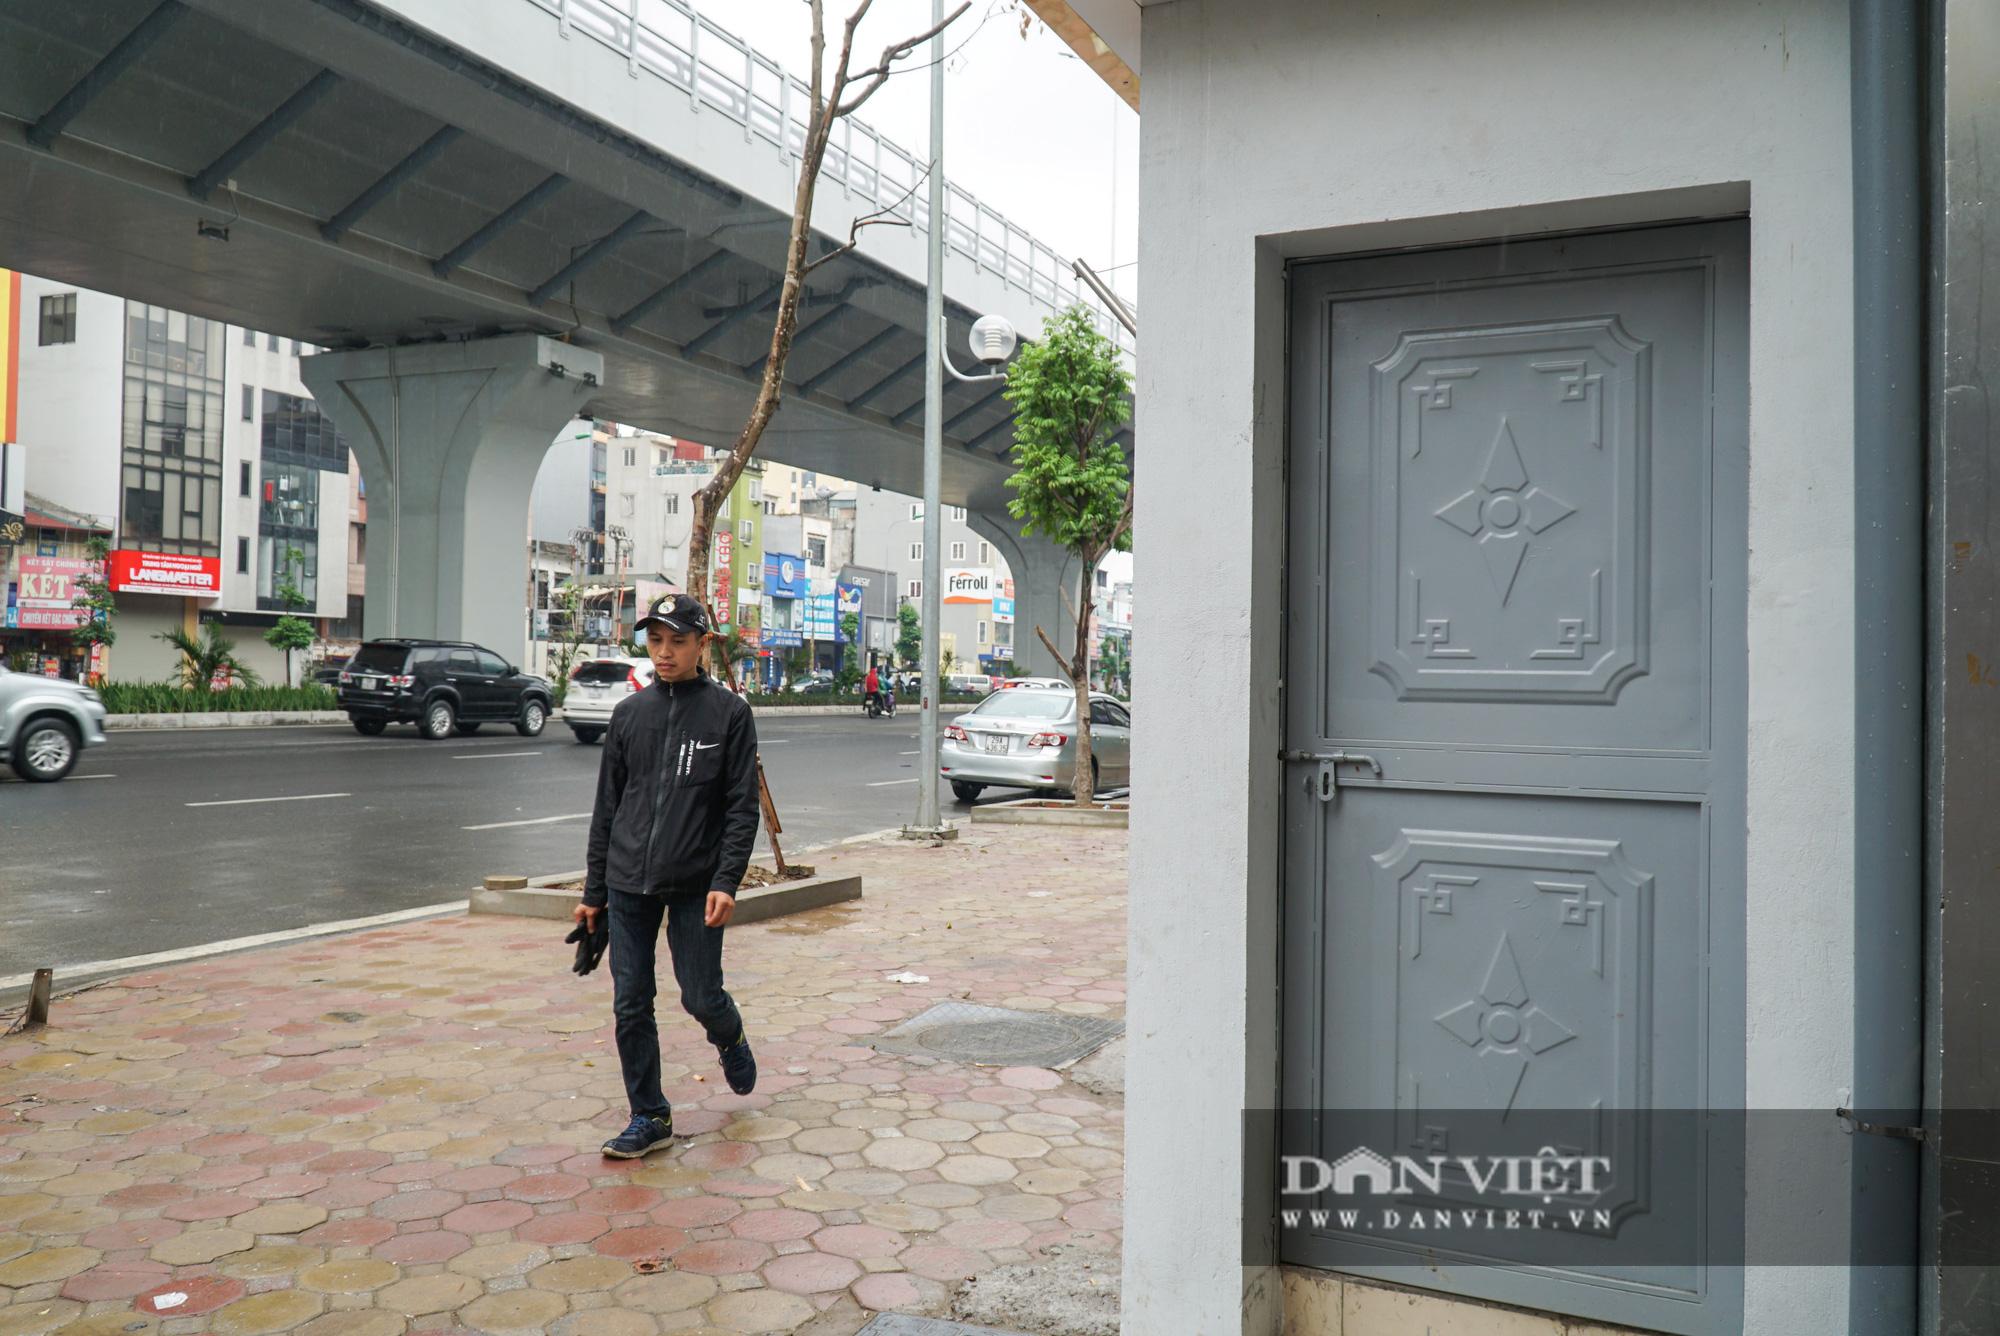 Kỳ lạ 2 ngôi nhà mặt đường siêu mỏng trên đường Trường Chinh - Ảnh 5.